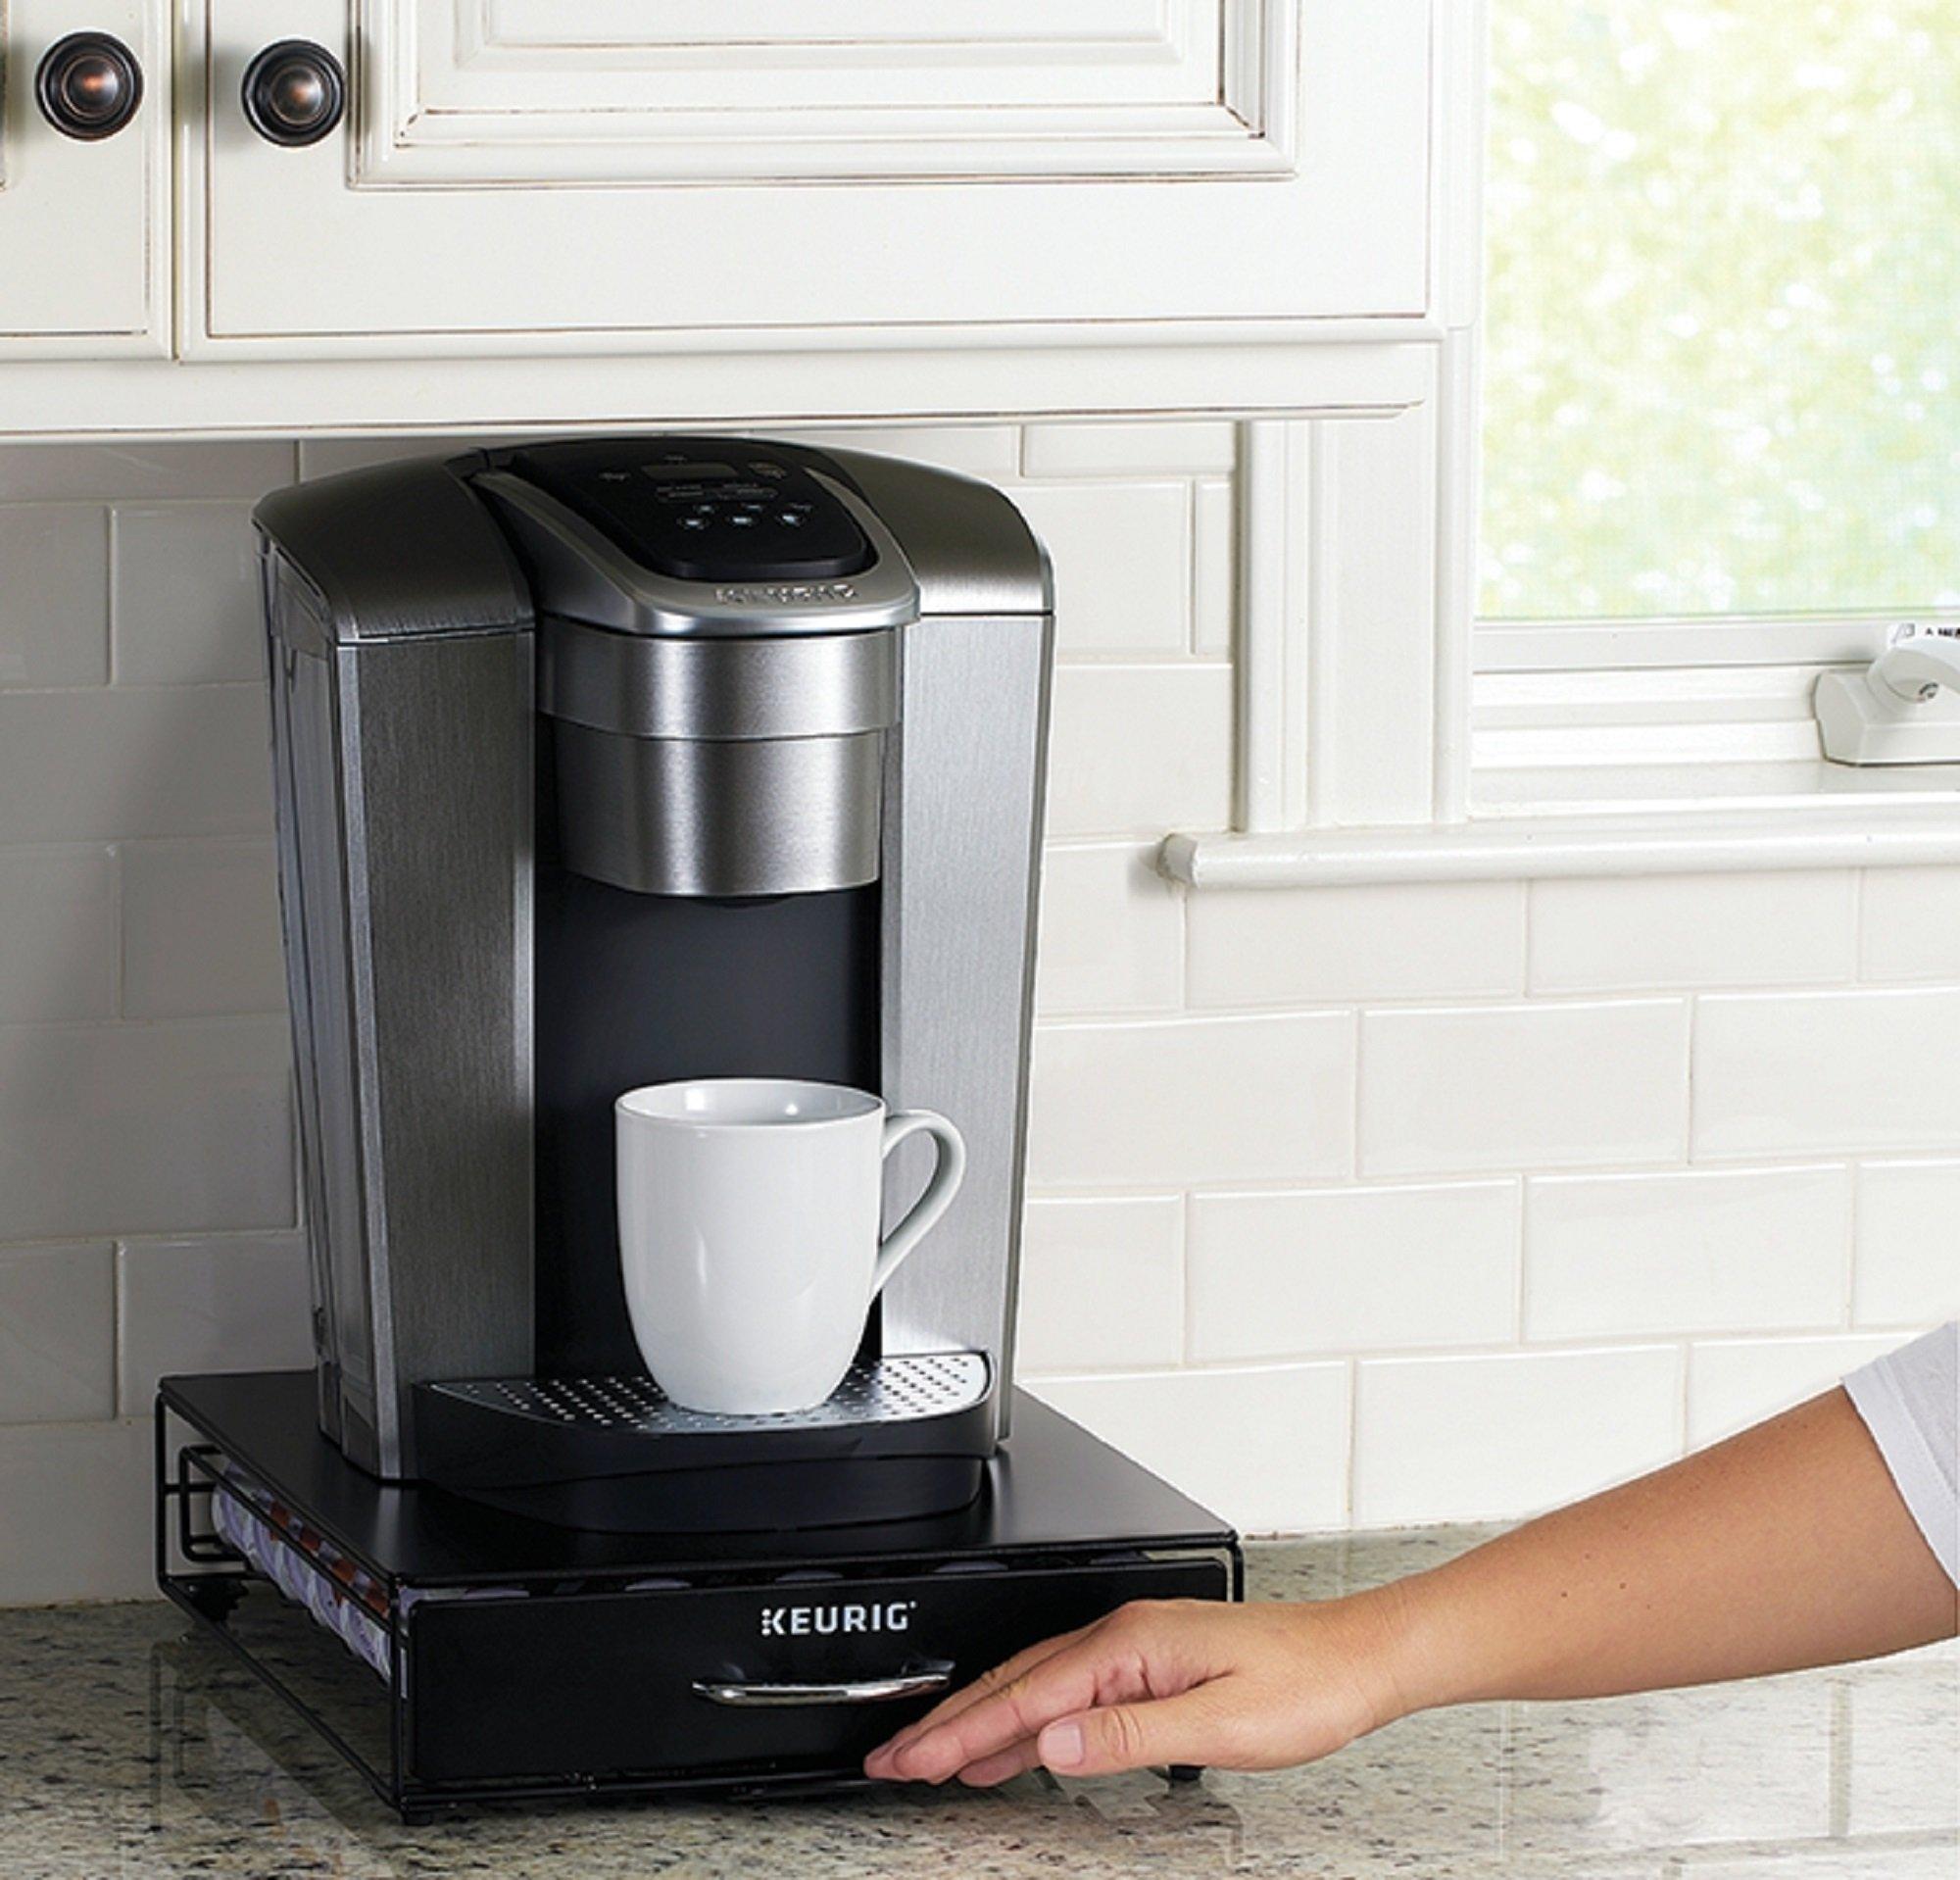 Keurig Under Brewer Storage Drawer, K-Cup Pod Organizer Holds 35 Coffee Pods, Fits Under Keurig K-Cup Pod Coffee Makers, Black by Keurig (Image #5)